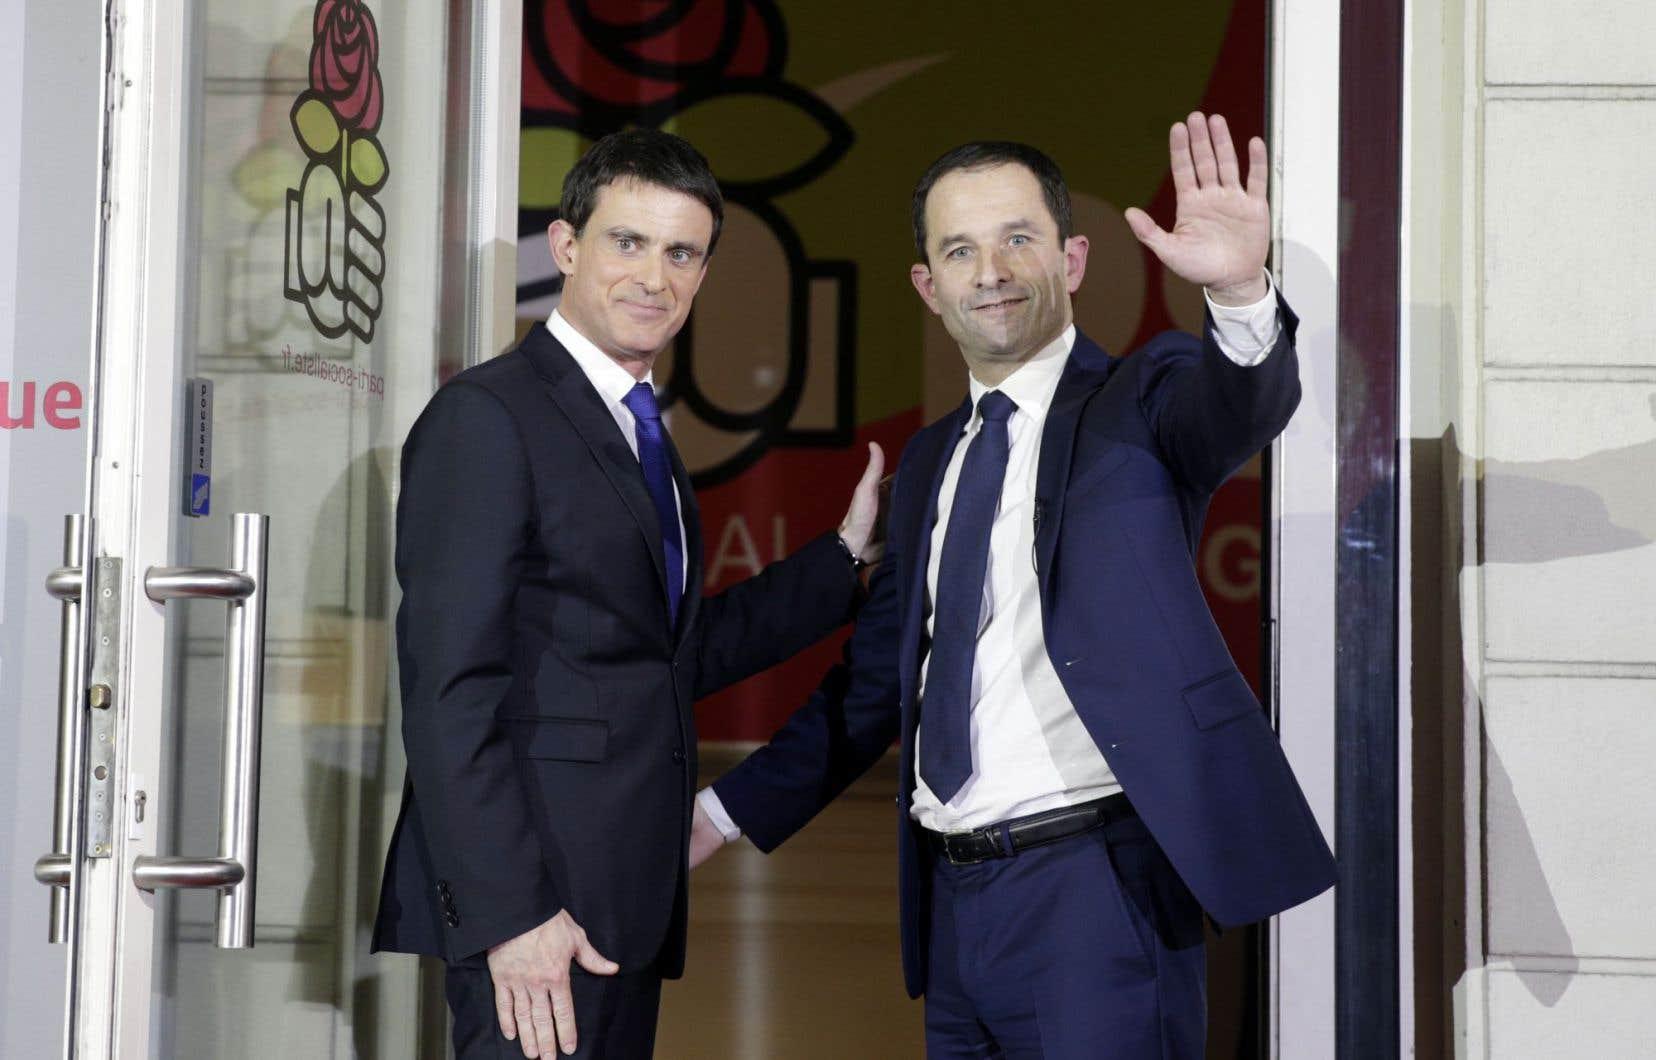 Manuel Valls est le perdant du second tour de la primaire de gauche avec 41% des voix, alors que Benoît Hamon est le vainqueur avec 59%.